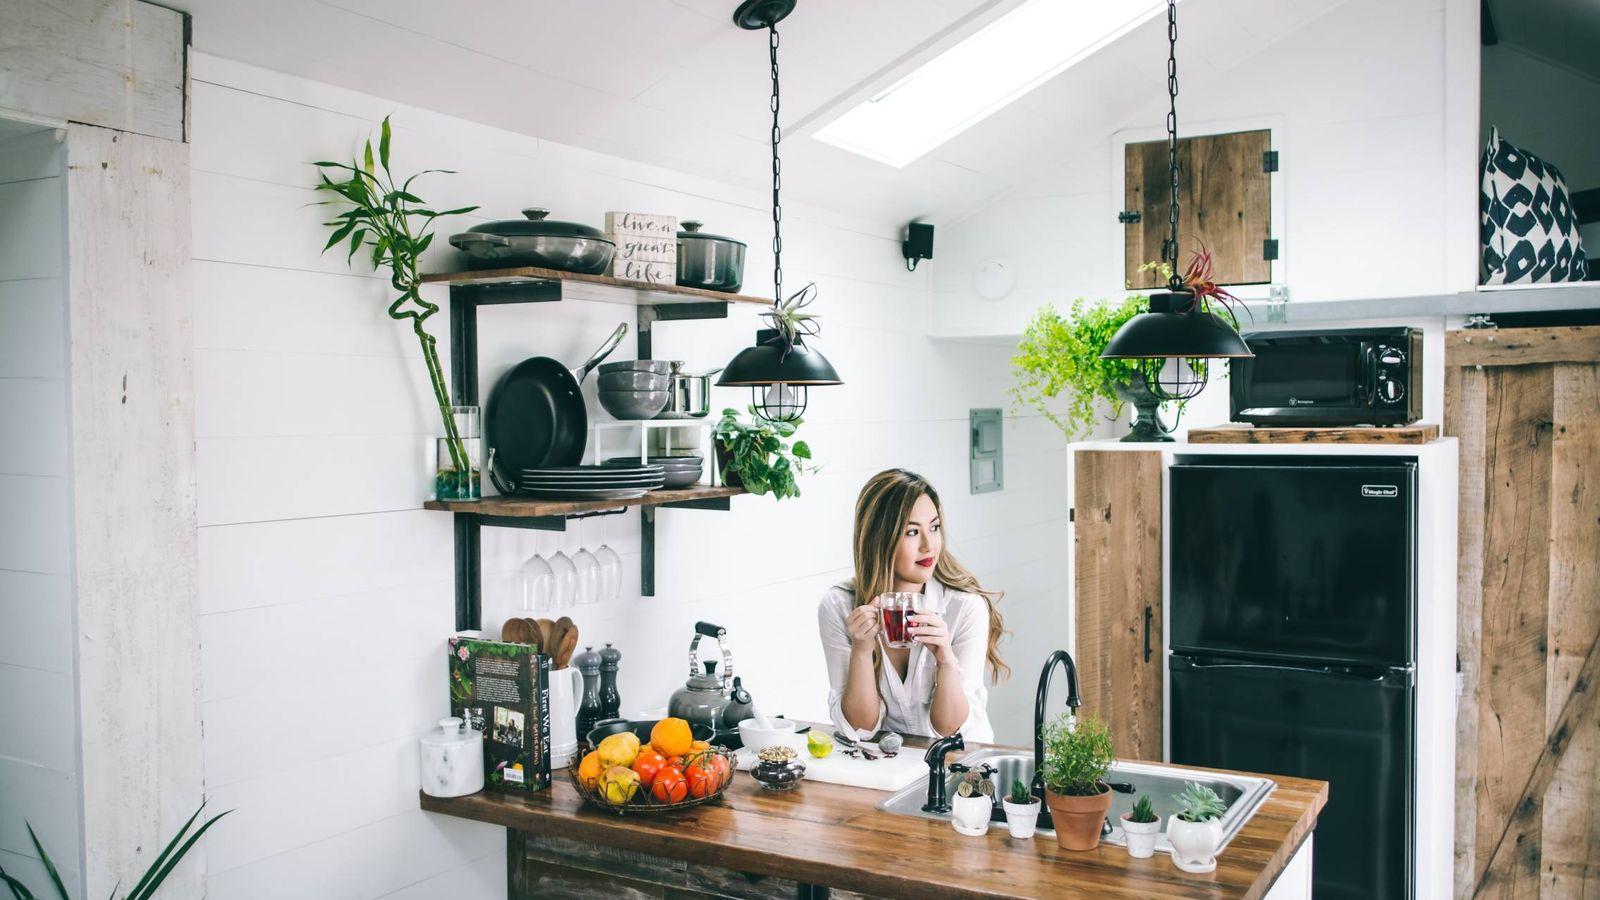 Foto: Pequeños cambios marcarán la difrencia en tu hogar. (Tina Dawson para Unsplash)